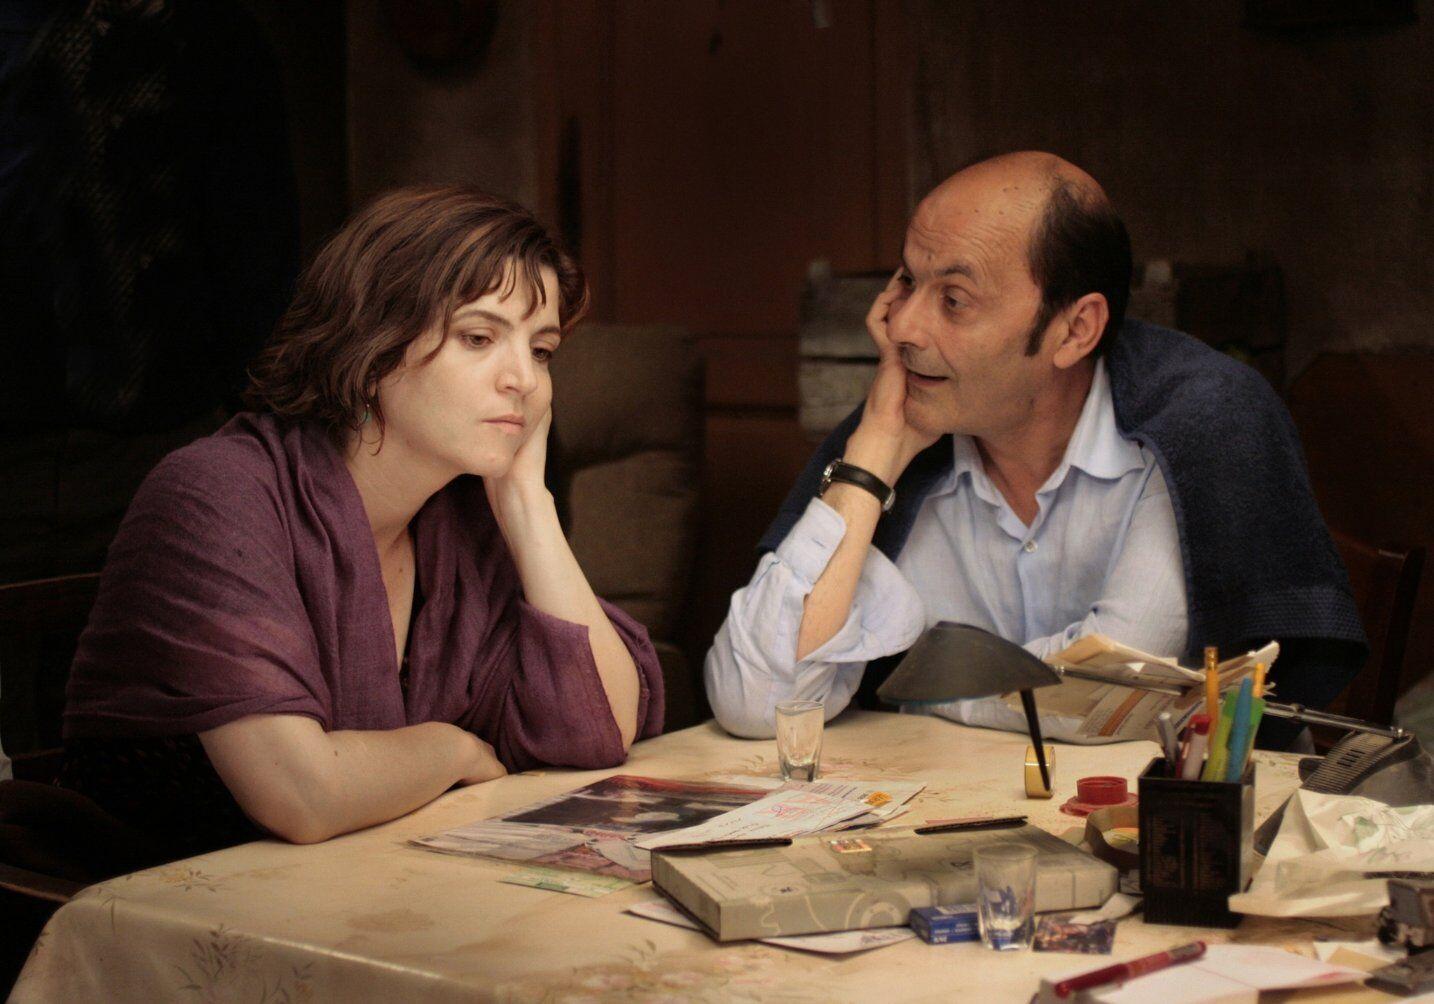 В возрасте 69 лет скончался французский актер и сценарист Жан-Пьер Бакри